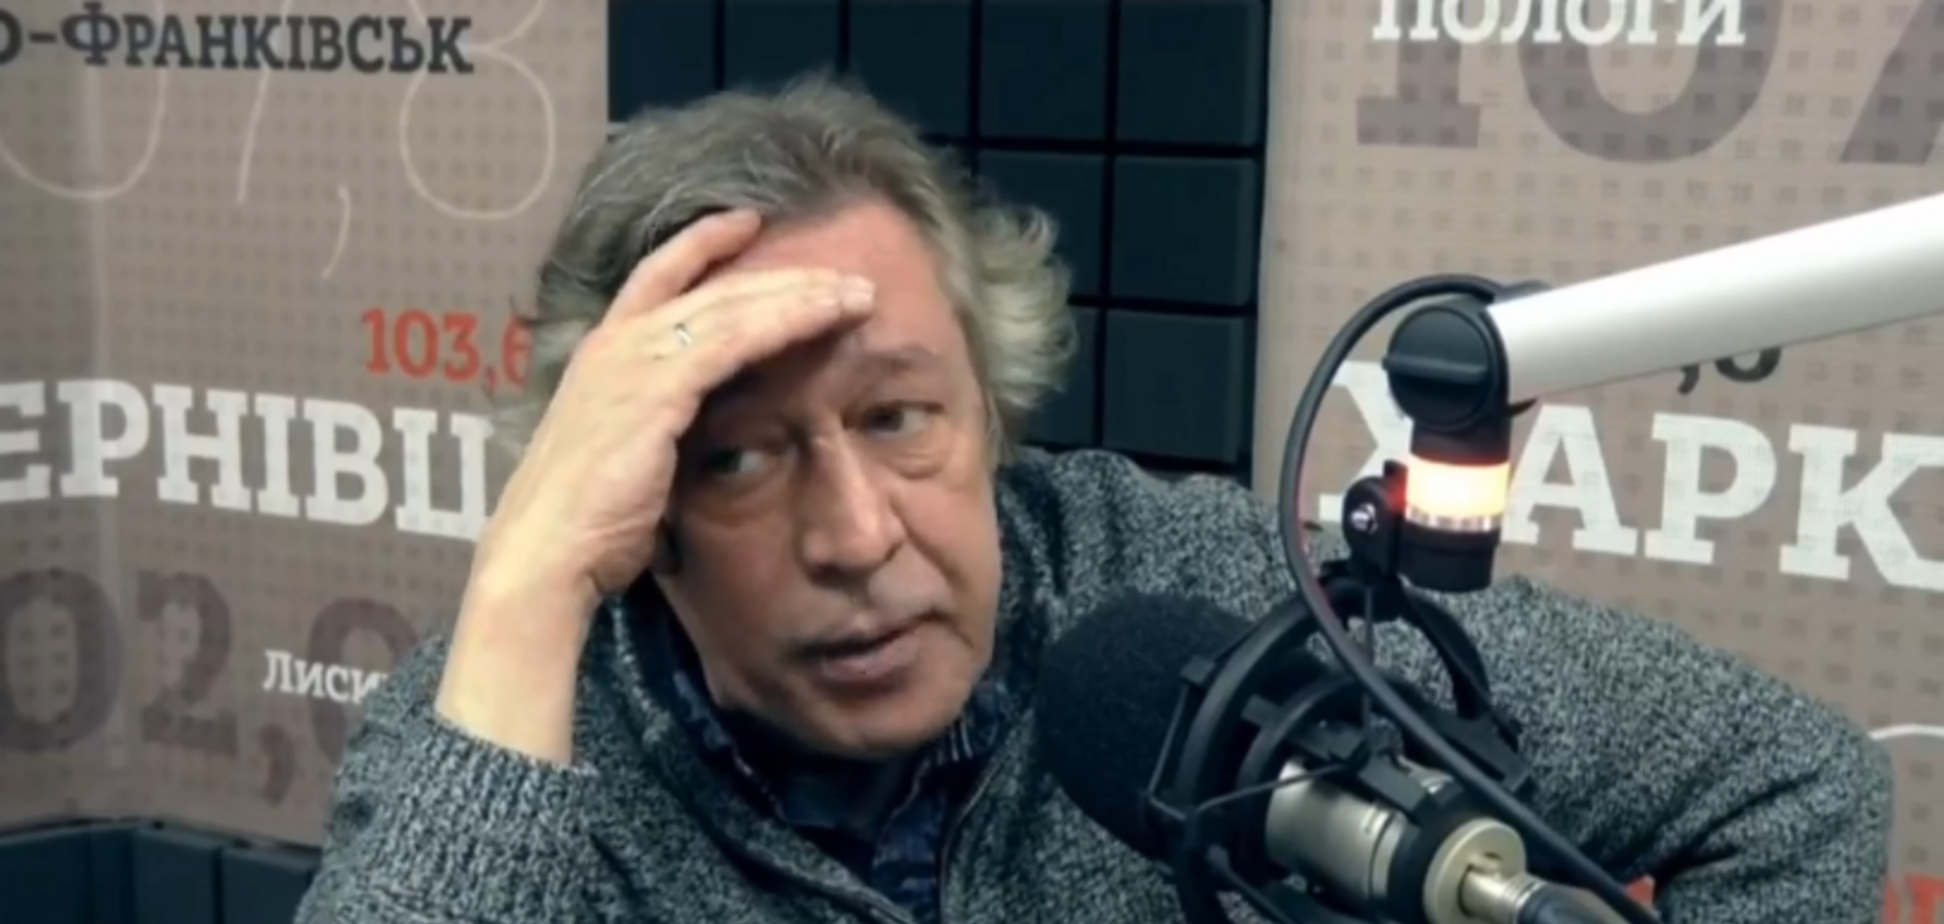 ''Сродни предательству'': в России скандал с заявлением Ефремова об СССР набрал обороты